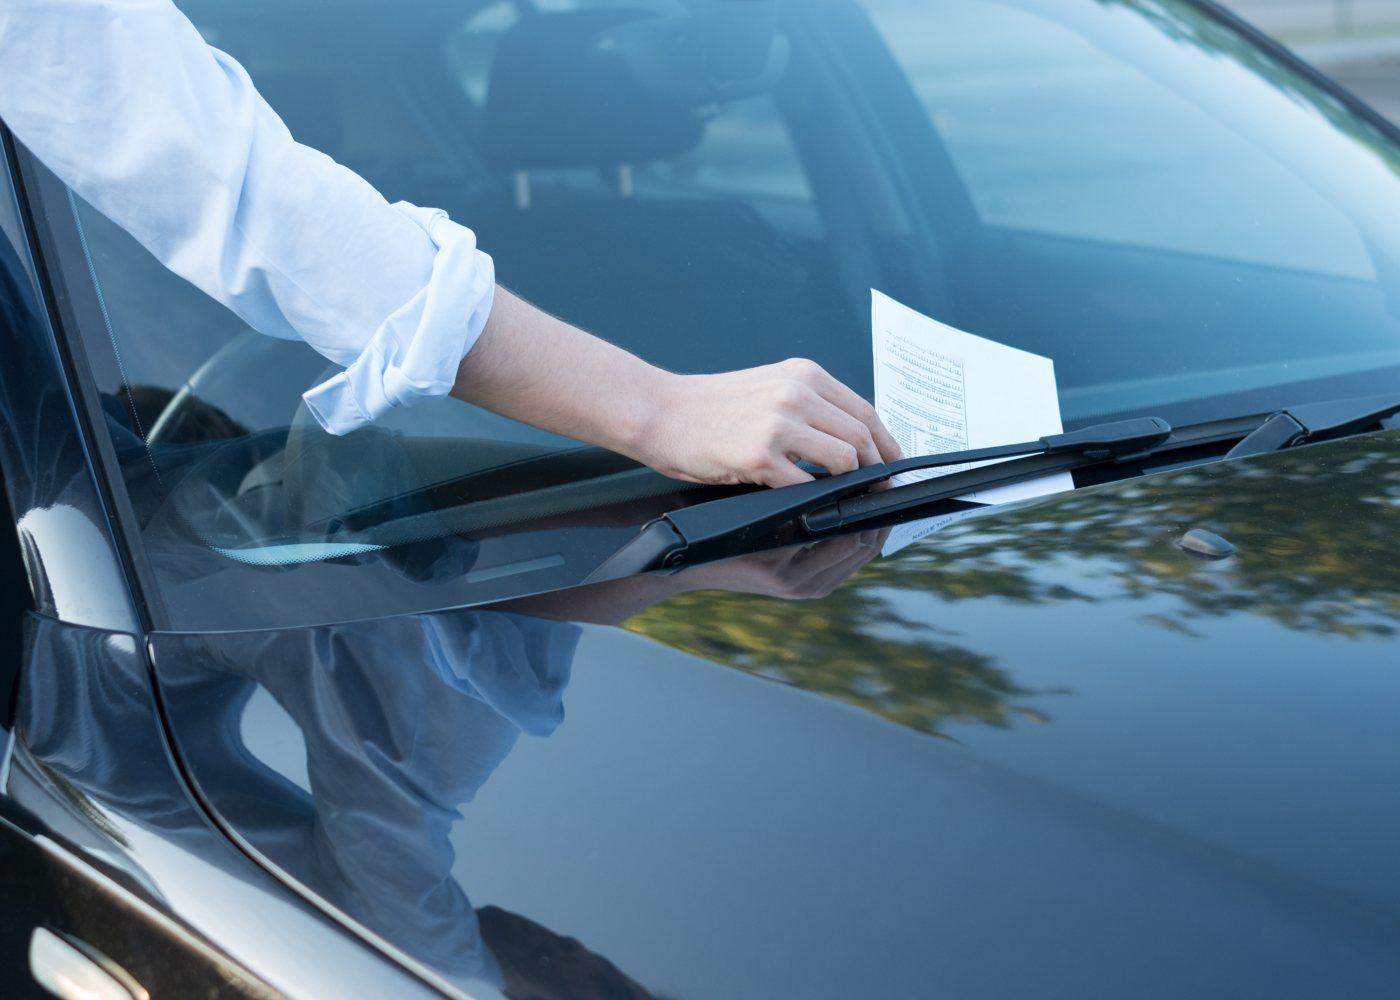 Homem a pegar em multa num carro